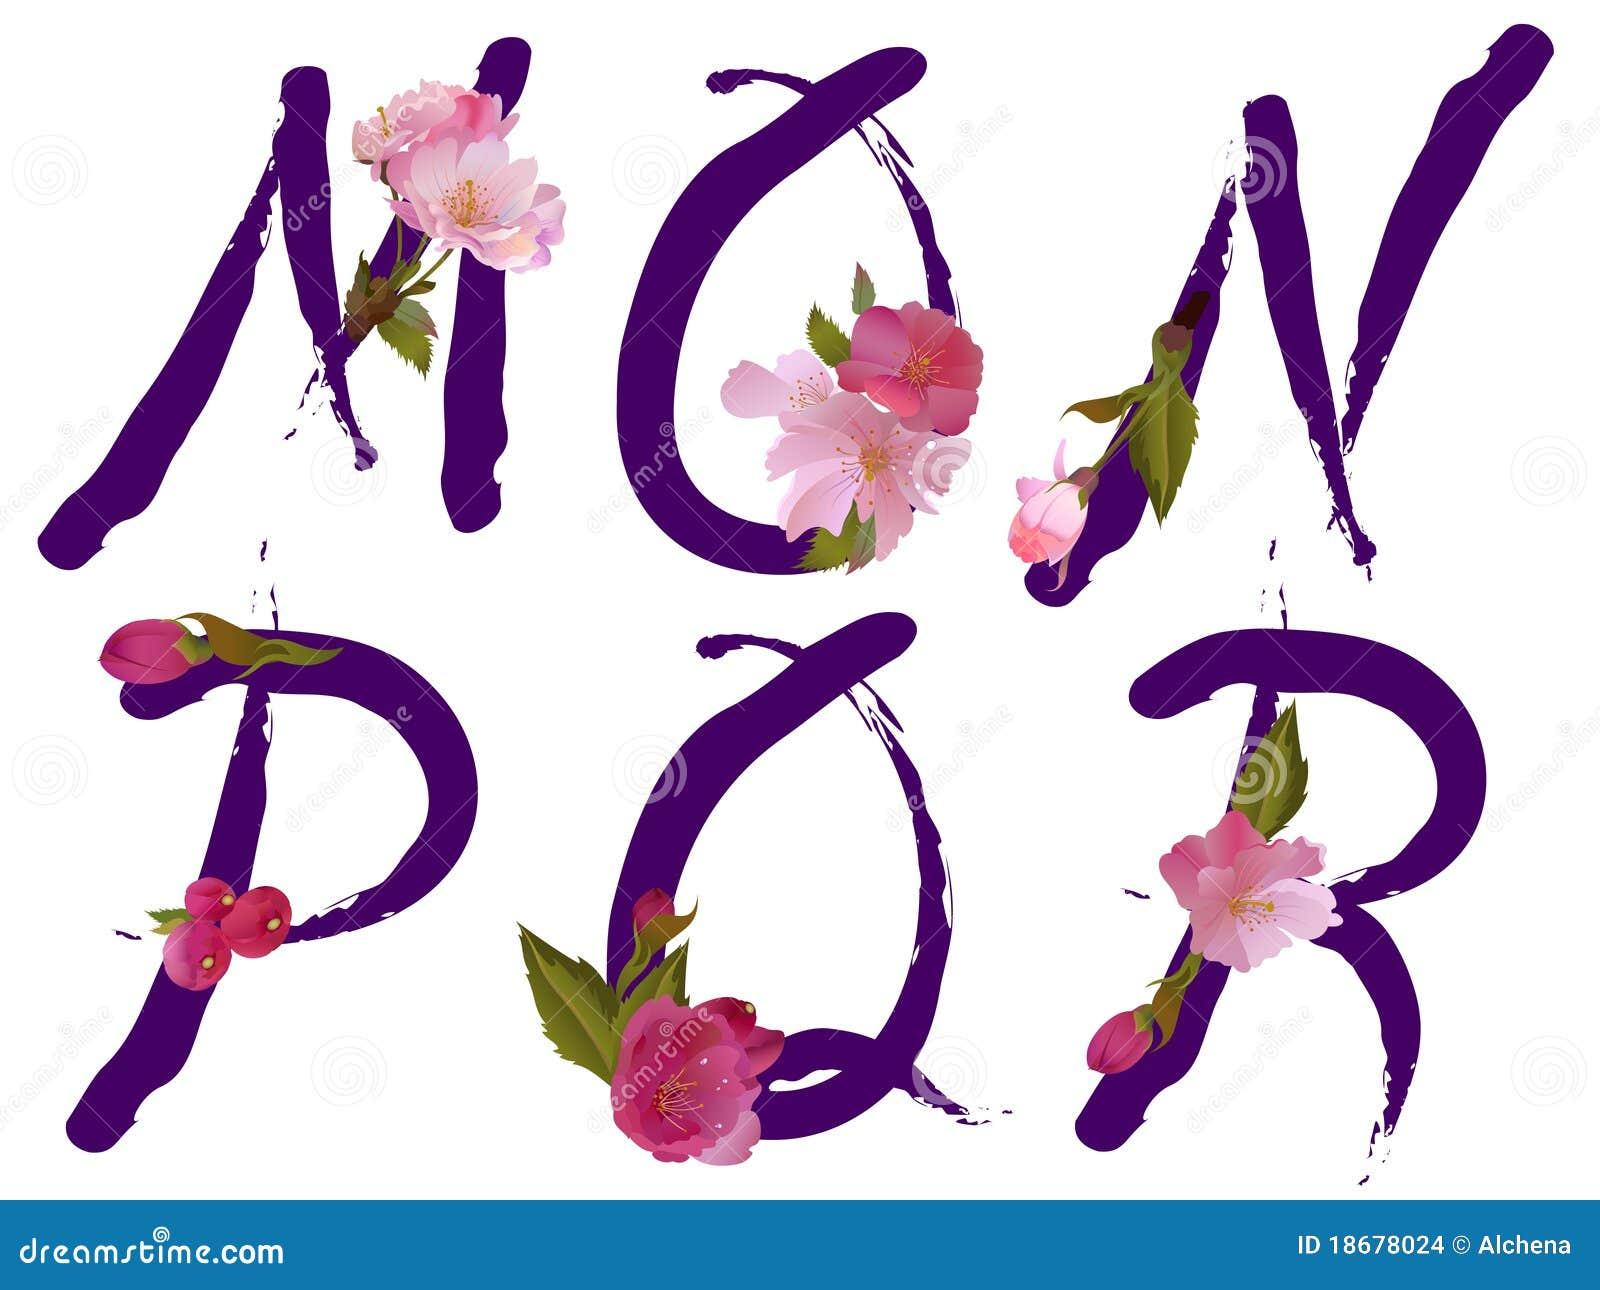 l 39 alphabet de source avec des fleurs marque avec des lettres m n o p q r illustration de. Black Bedroom Furniture Sets. Home Design Ideas